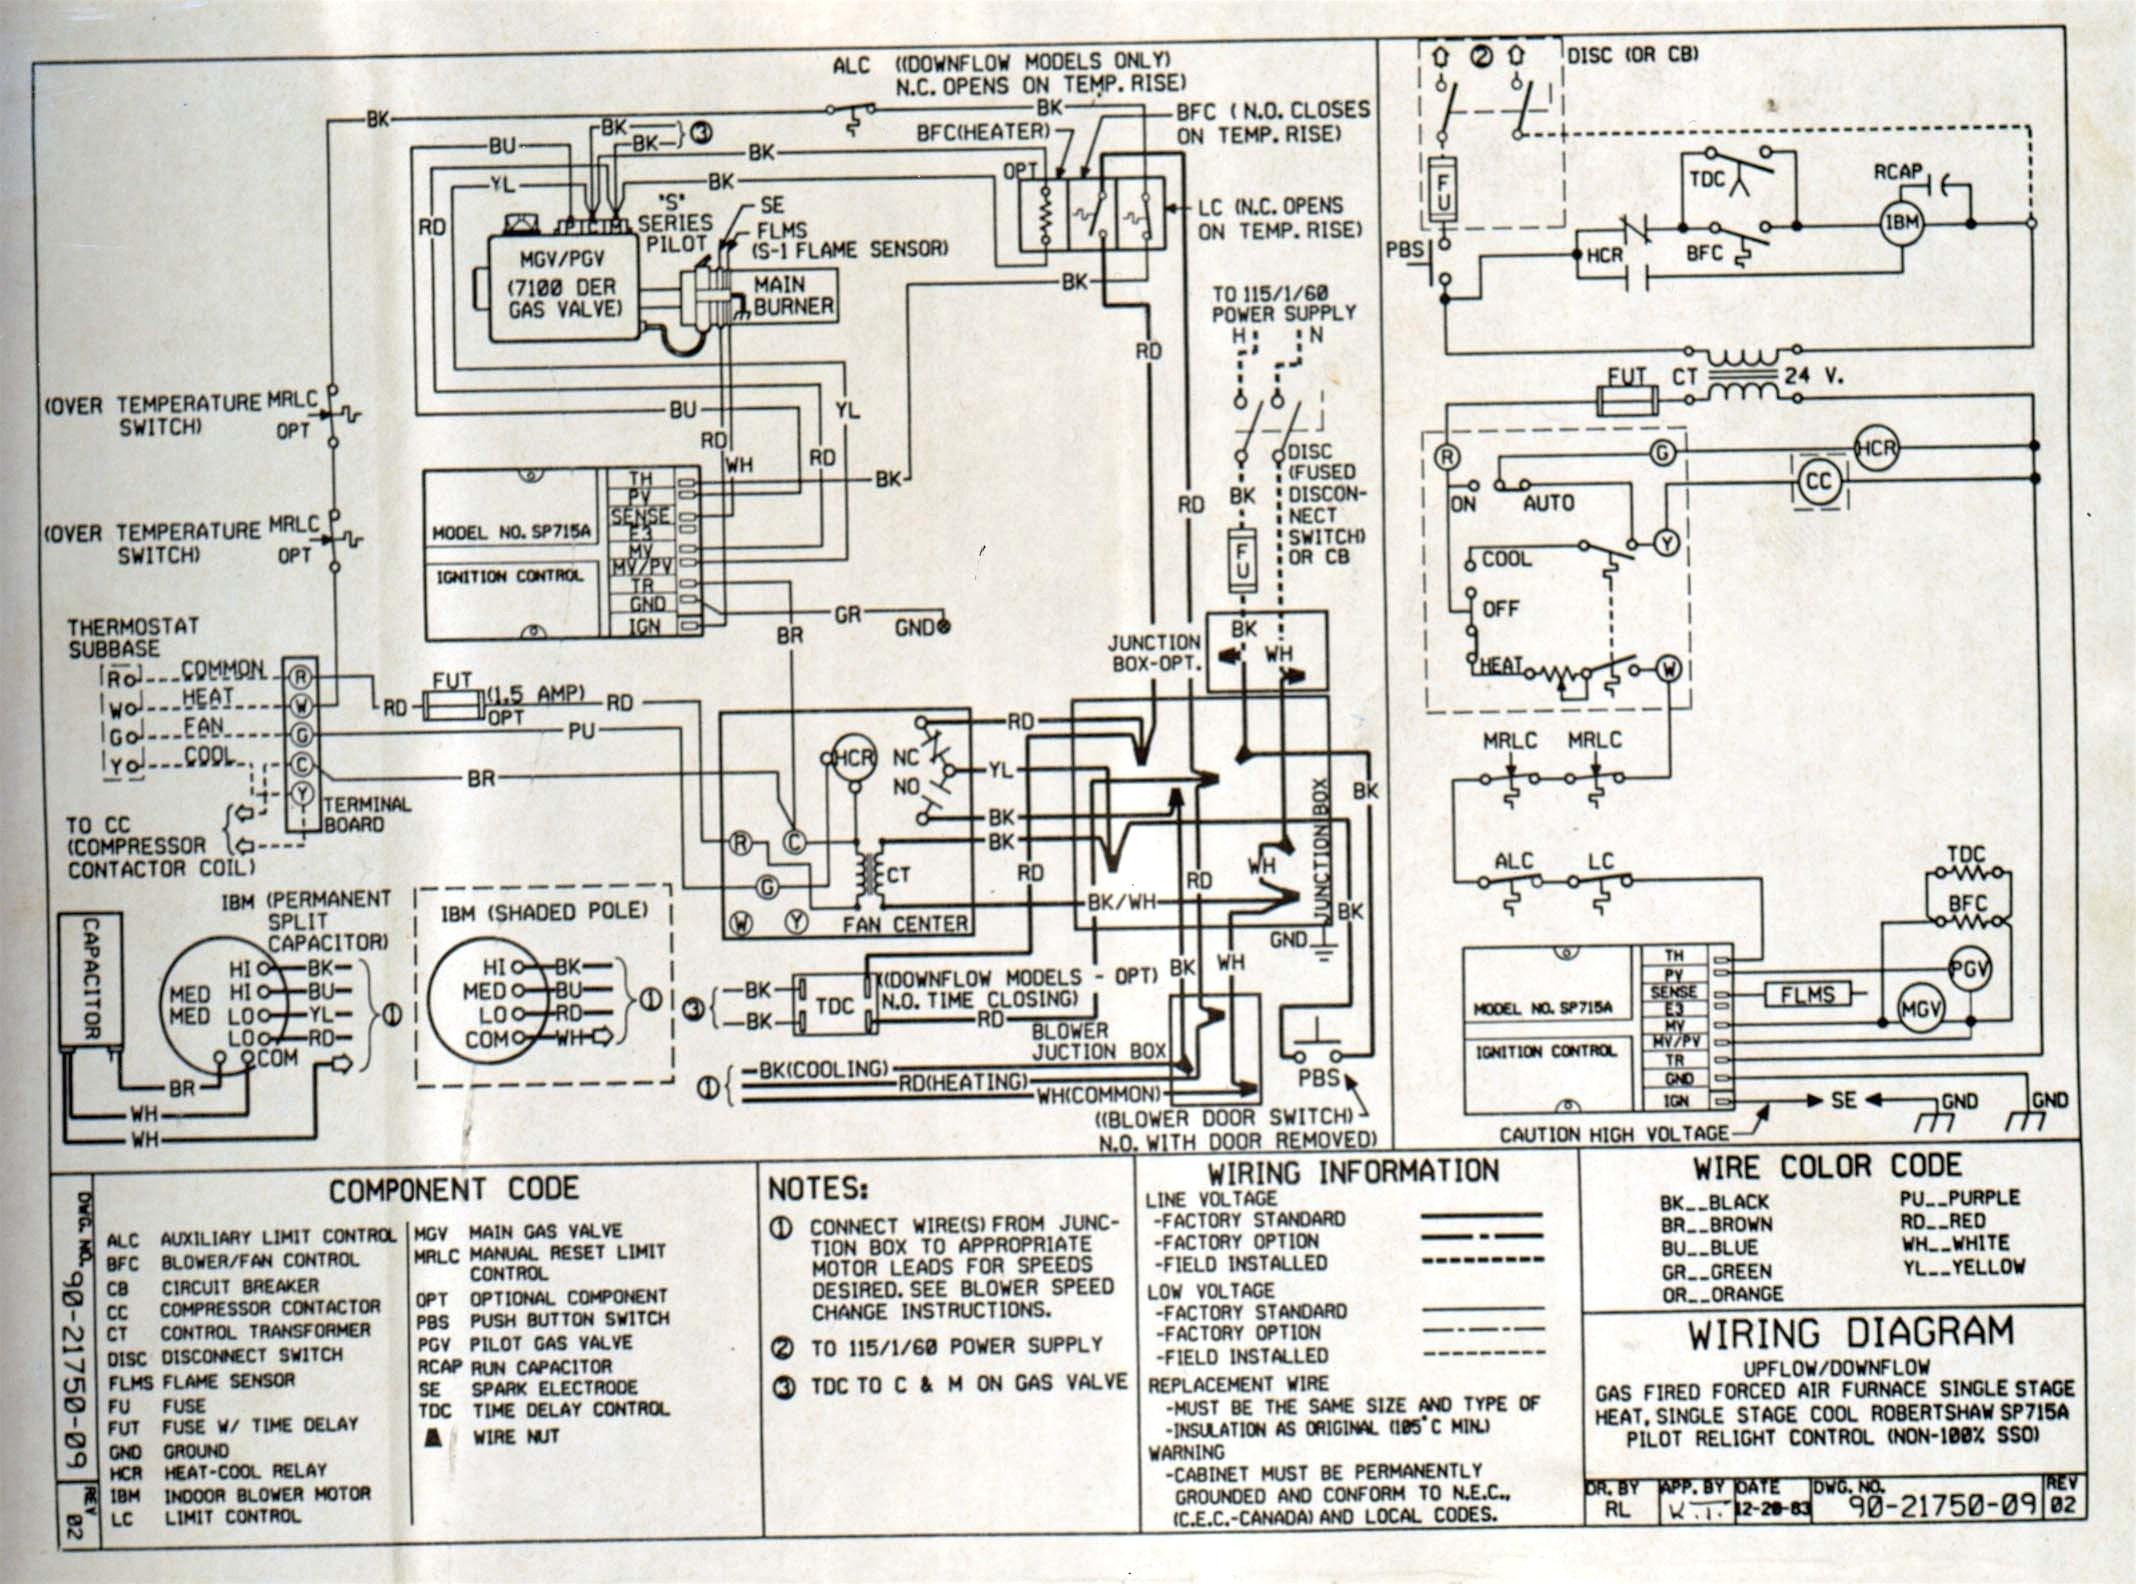 dayton unit heater wiring diagram - dayton baseboard heater wiring diagram  valid new payne electric furnace